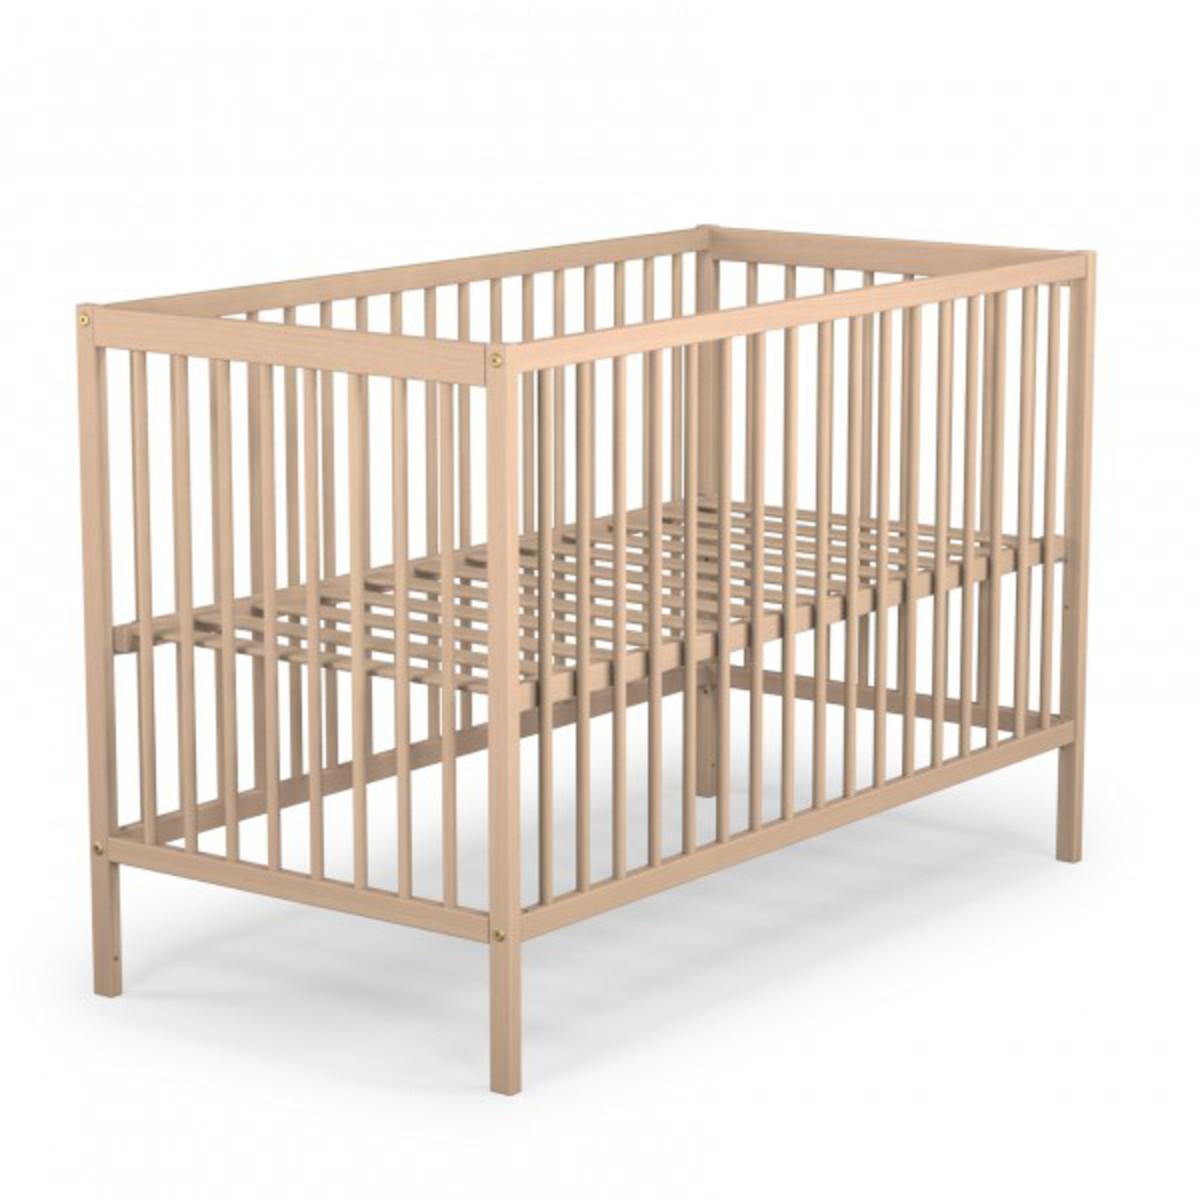 lit bébé 60 x 120 - naturel (13056410) : achat / vente lit bébé sur